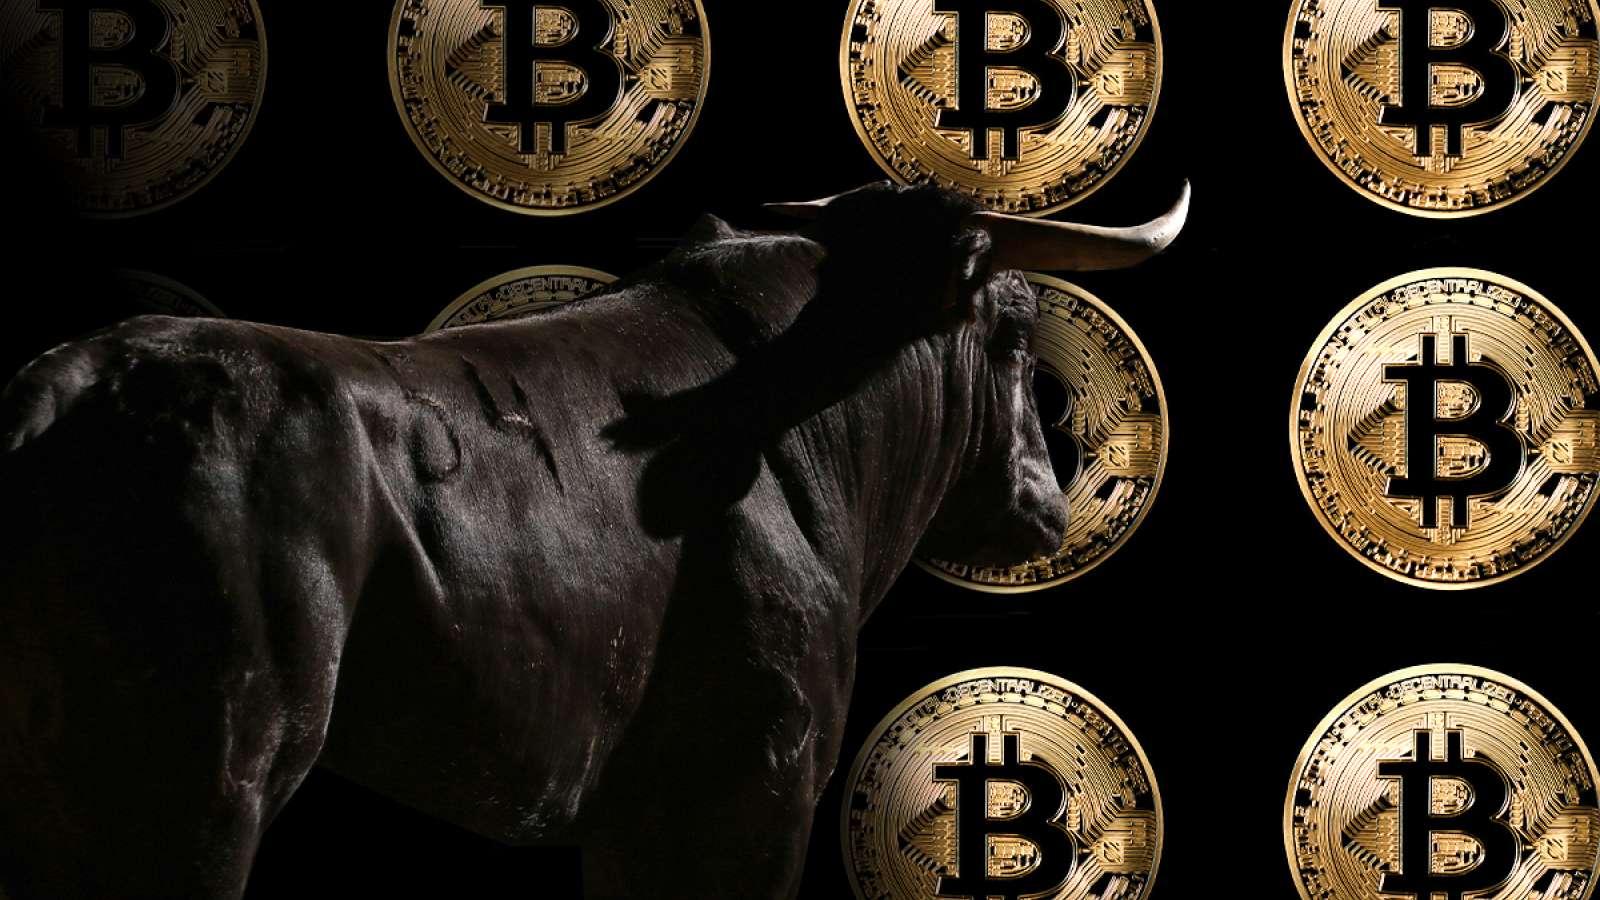 Bitcoin Boğaları Bunu Beğendi BTC'nin Gerçek Değeri 13.000 Dolar